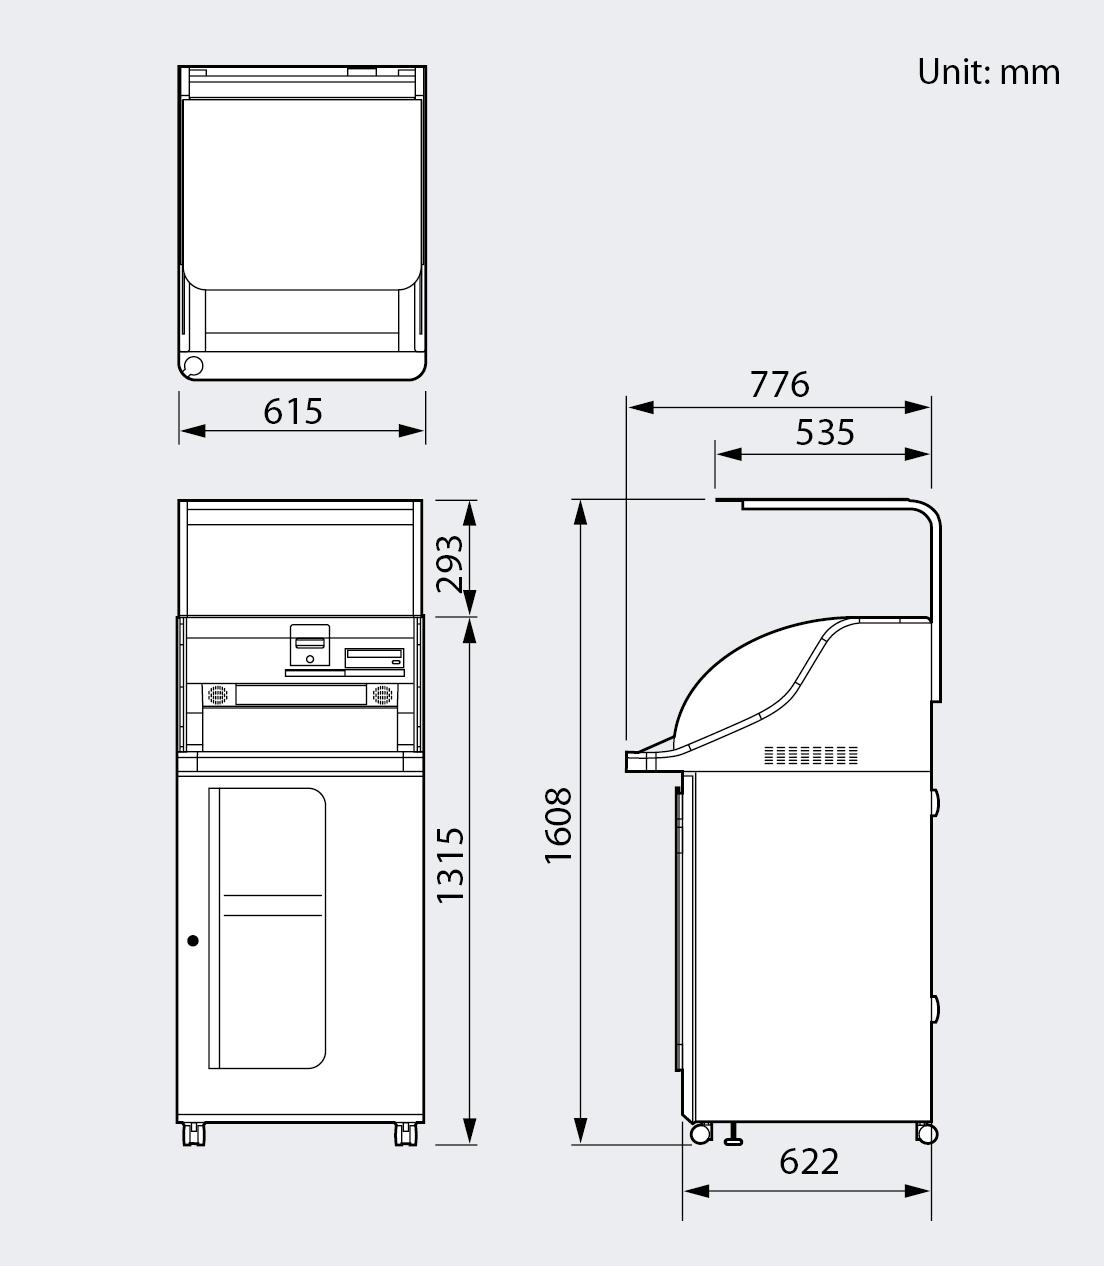 [image] 높이, 너비, 깊이를 보여주는 Wonder Print Station의 전면, 측면 및 상단 뷰 그래픽